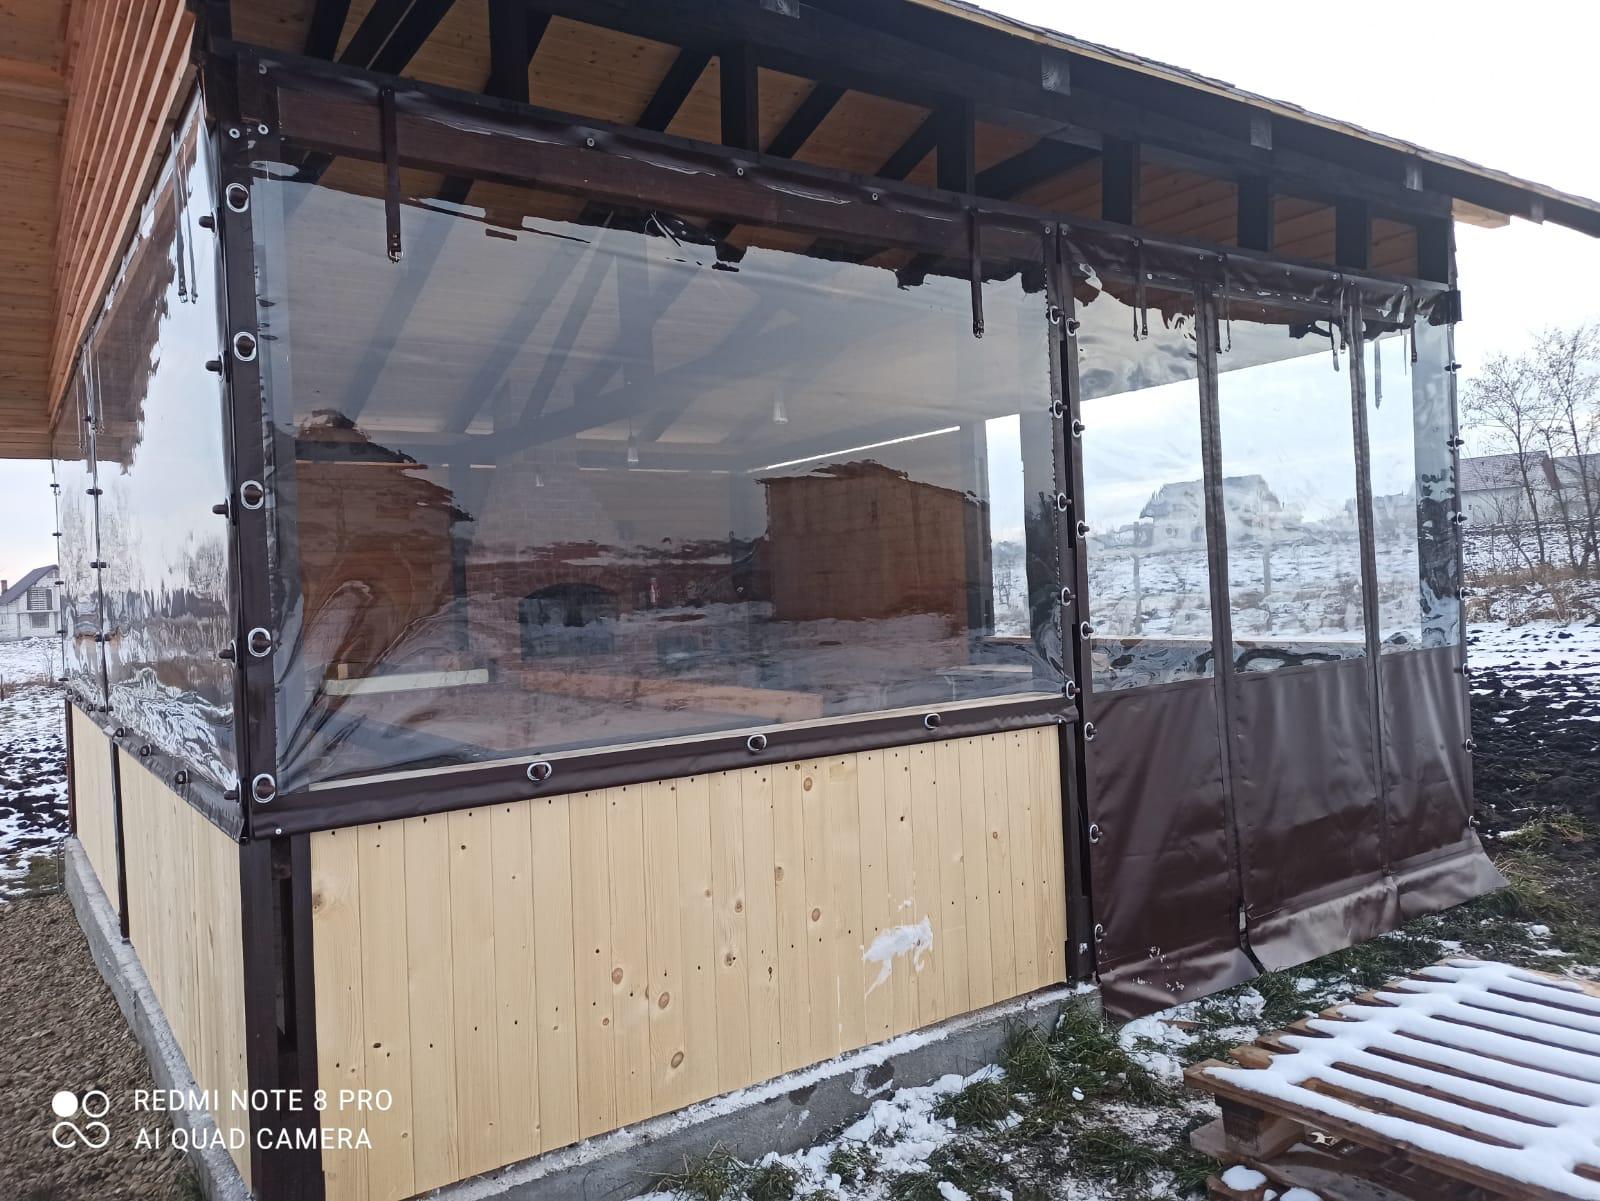 Închideri terase cu rulouri folie transparentă CRISTAL Piatra Neamt Targu Neamt Roman